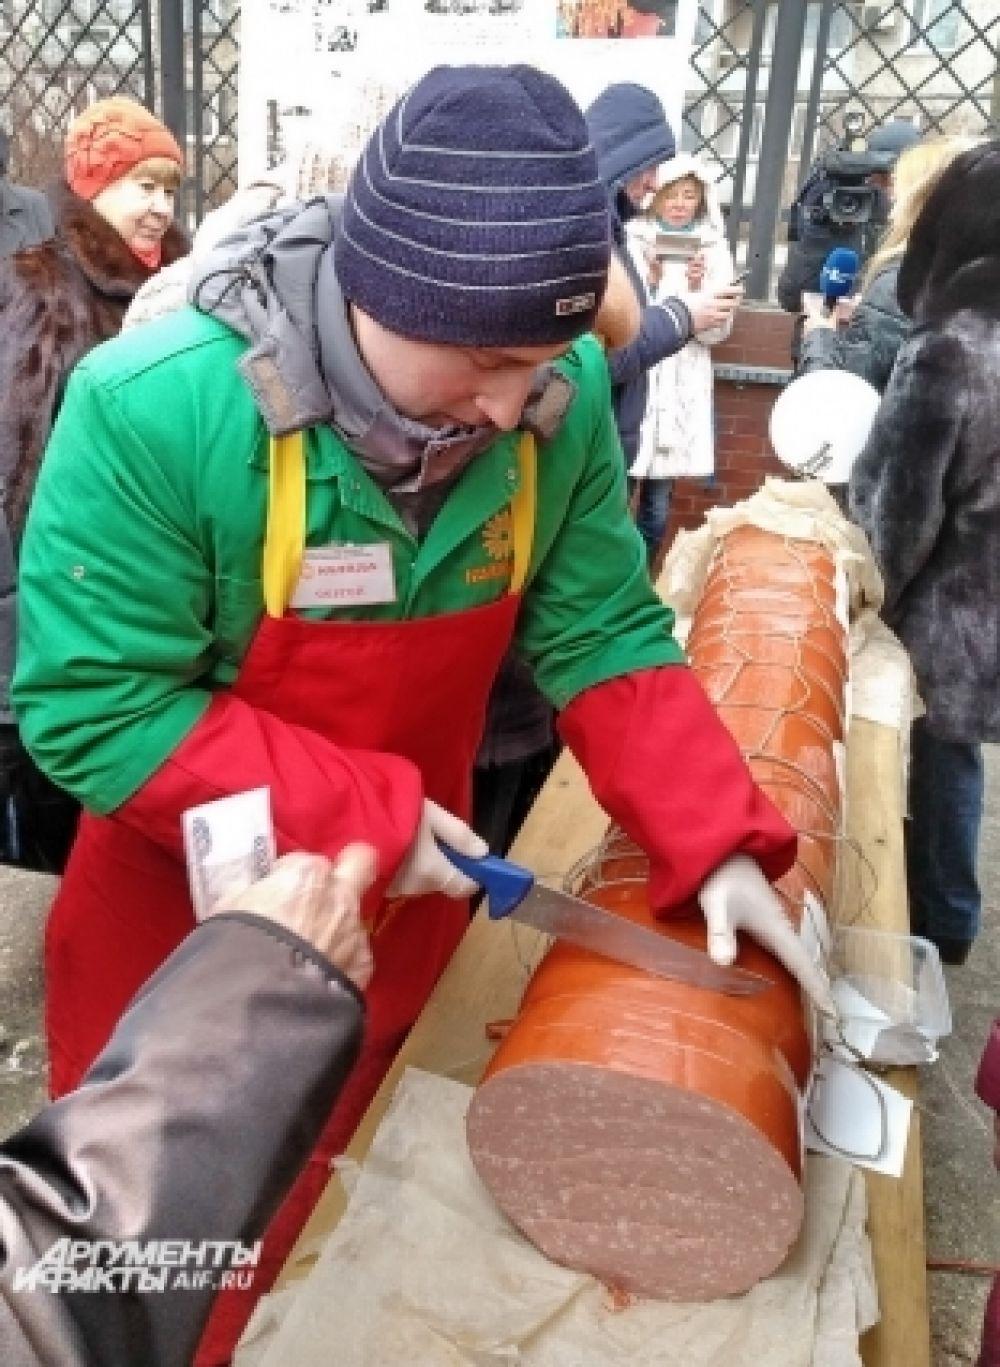 135-килограммовую вареную колбасу сделали точно по ГОСТу.